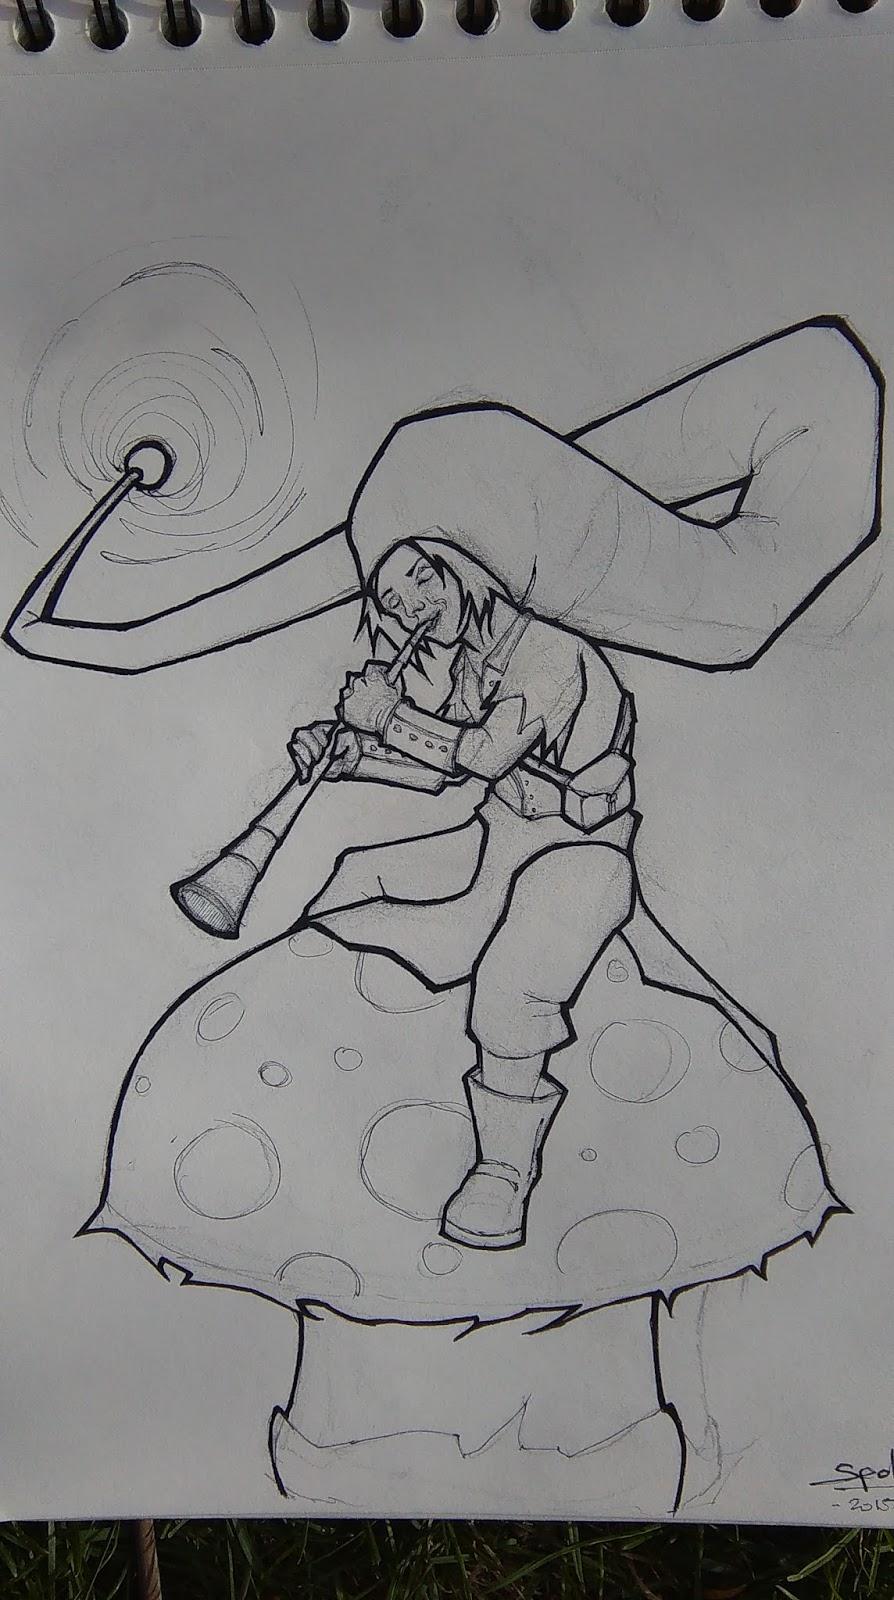 [SPOLYK] - Geometries & sketches 2